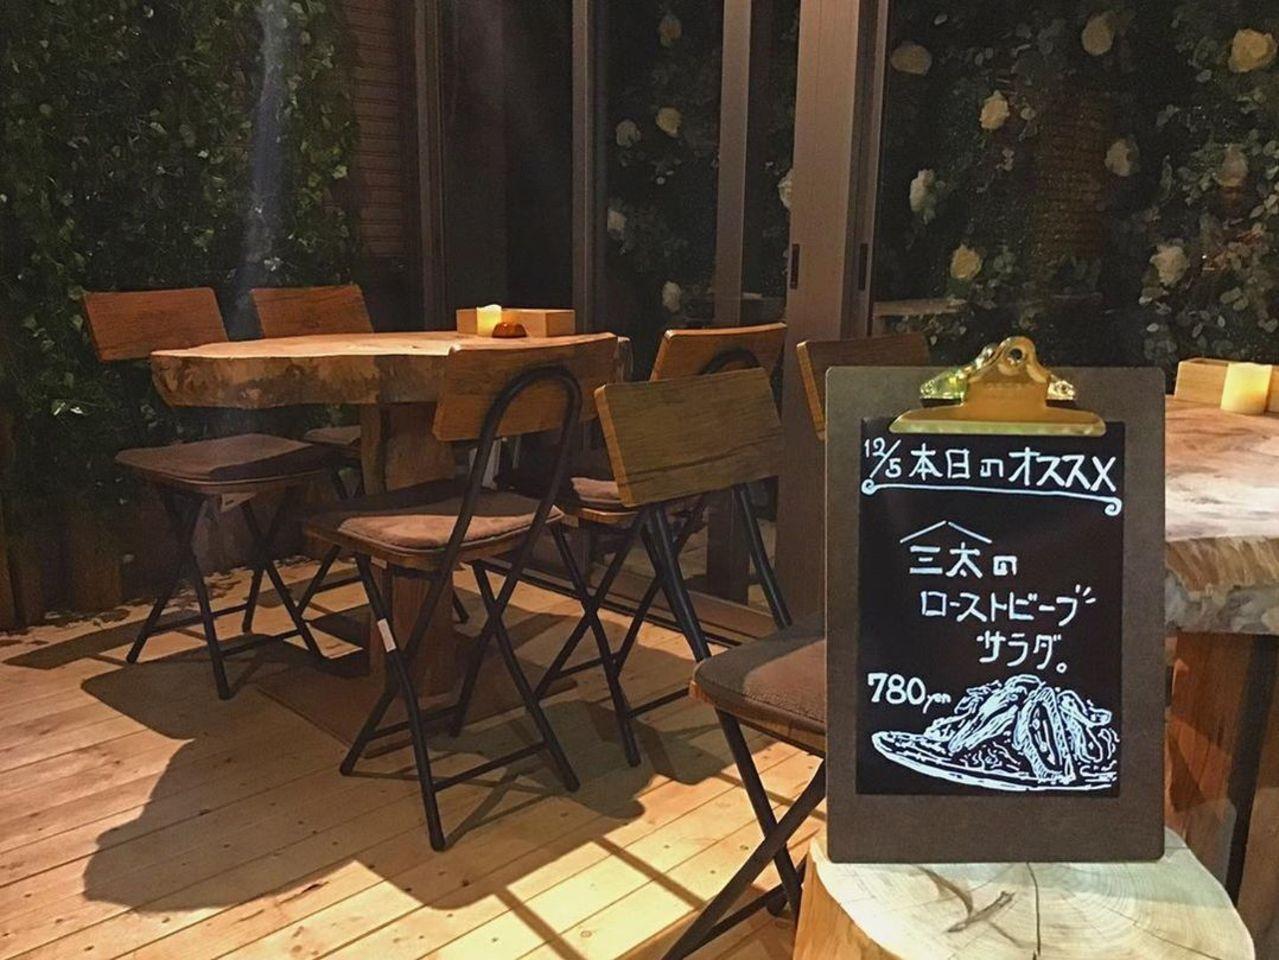 ウッドテラス×洋食バル...東京都世田谷区太子堂2丁目の「三太の庭」